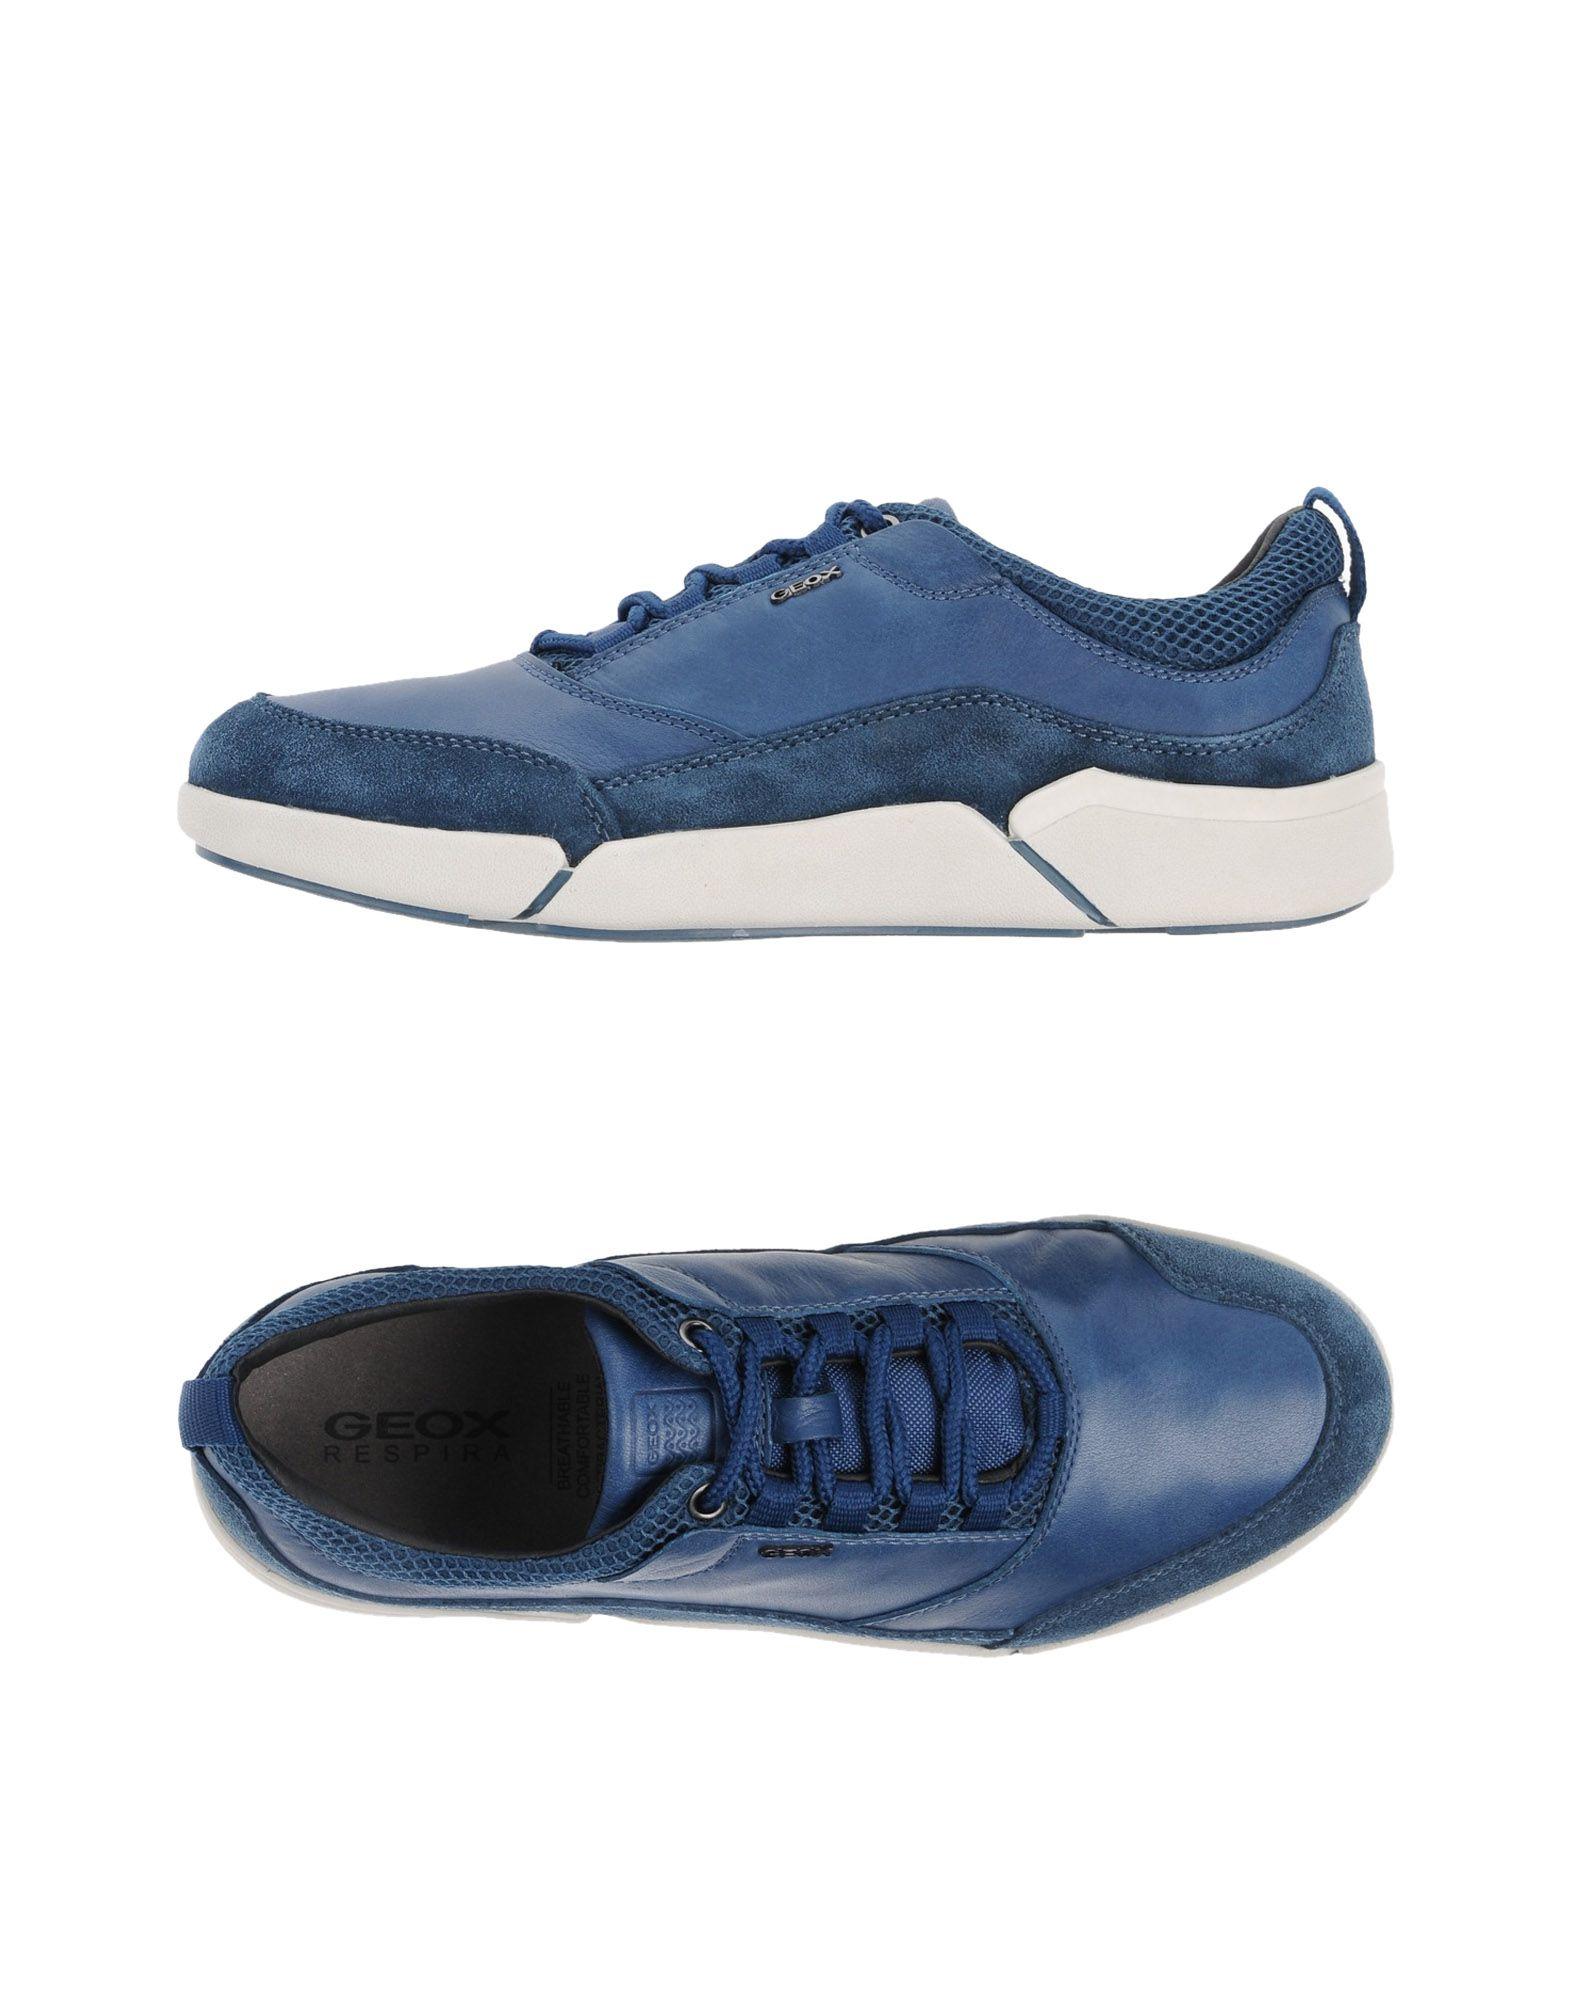 Geox Sneakers 11253193JA Herren  11253193JA Sneakers Heiße Schuhe c7e465